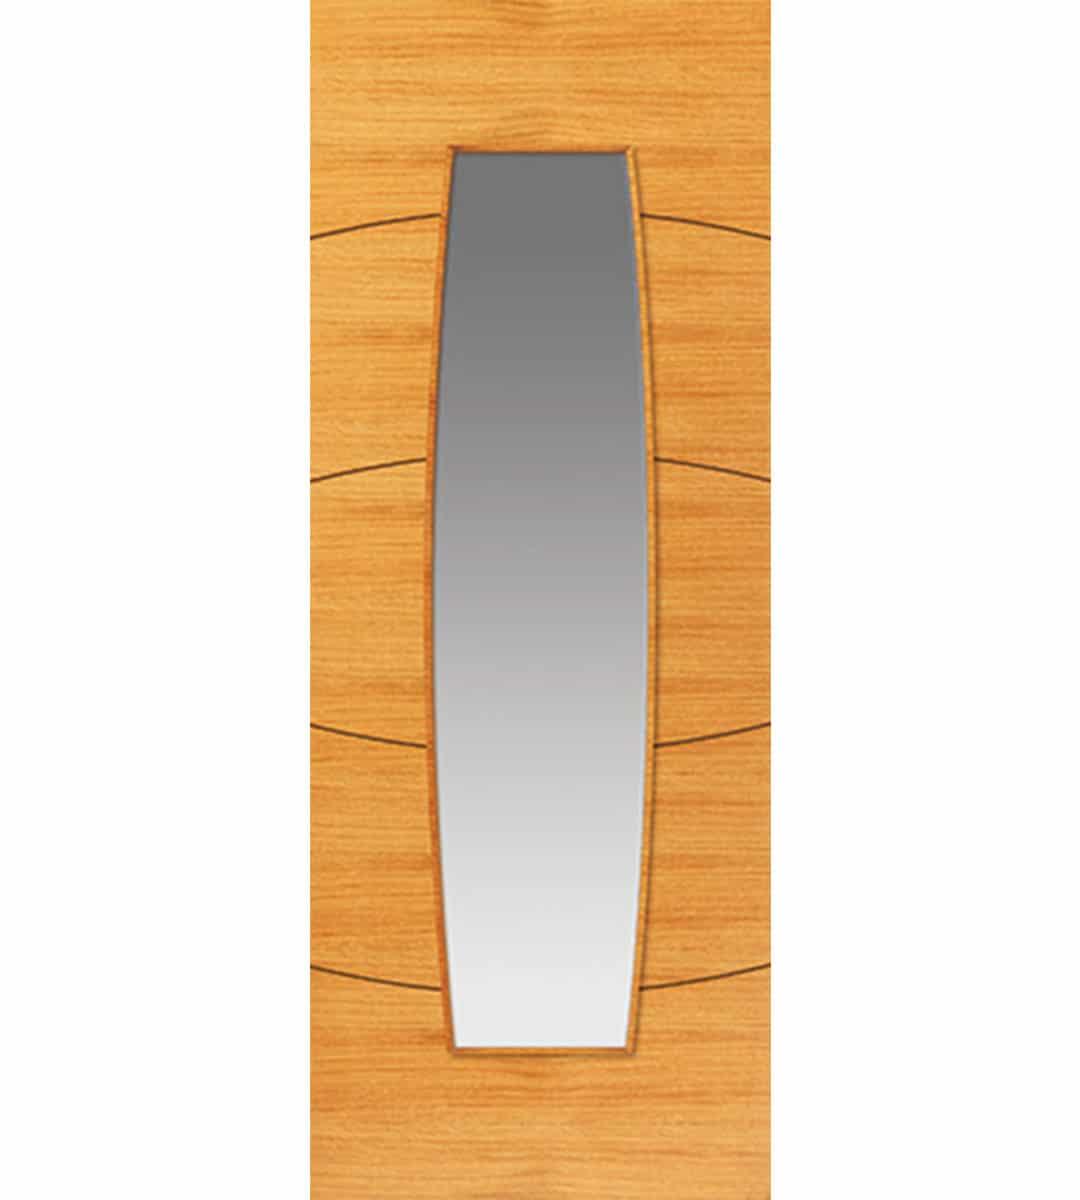 sol glazed internal door